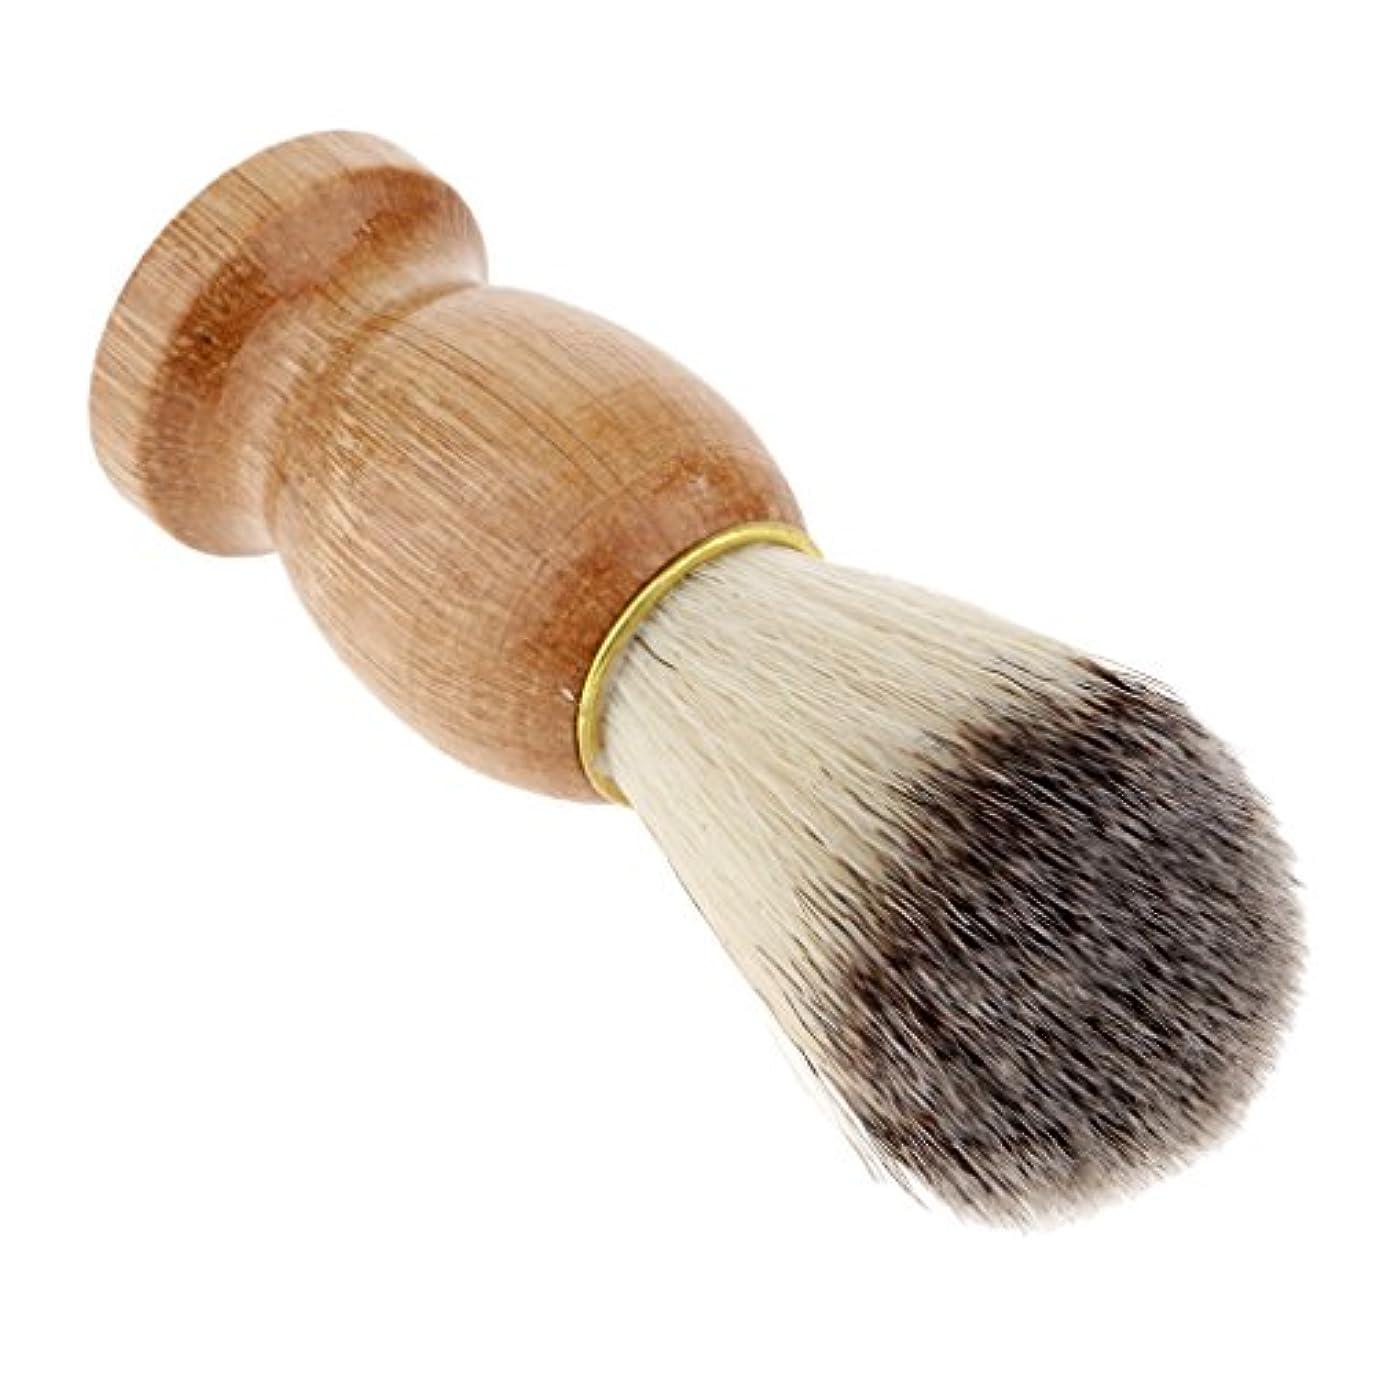 ペチコート気質グリーンバックPerfk シェービングブラシ シェービング コスメブラシ 木製ハンドル メンズ ひげ剃りブラシ クレンジング 超吸収性 快適 柔らかい